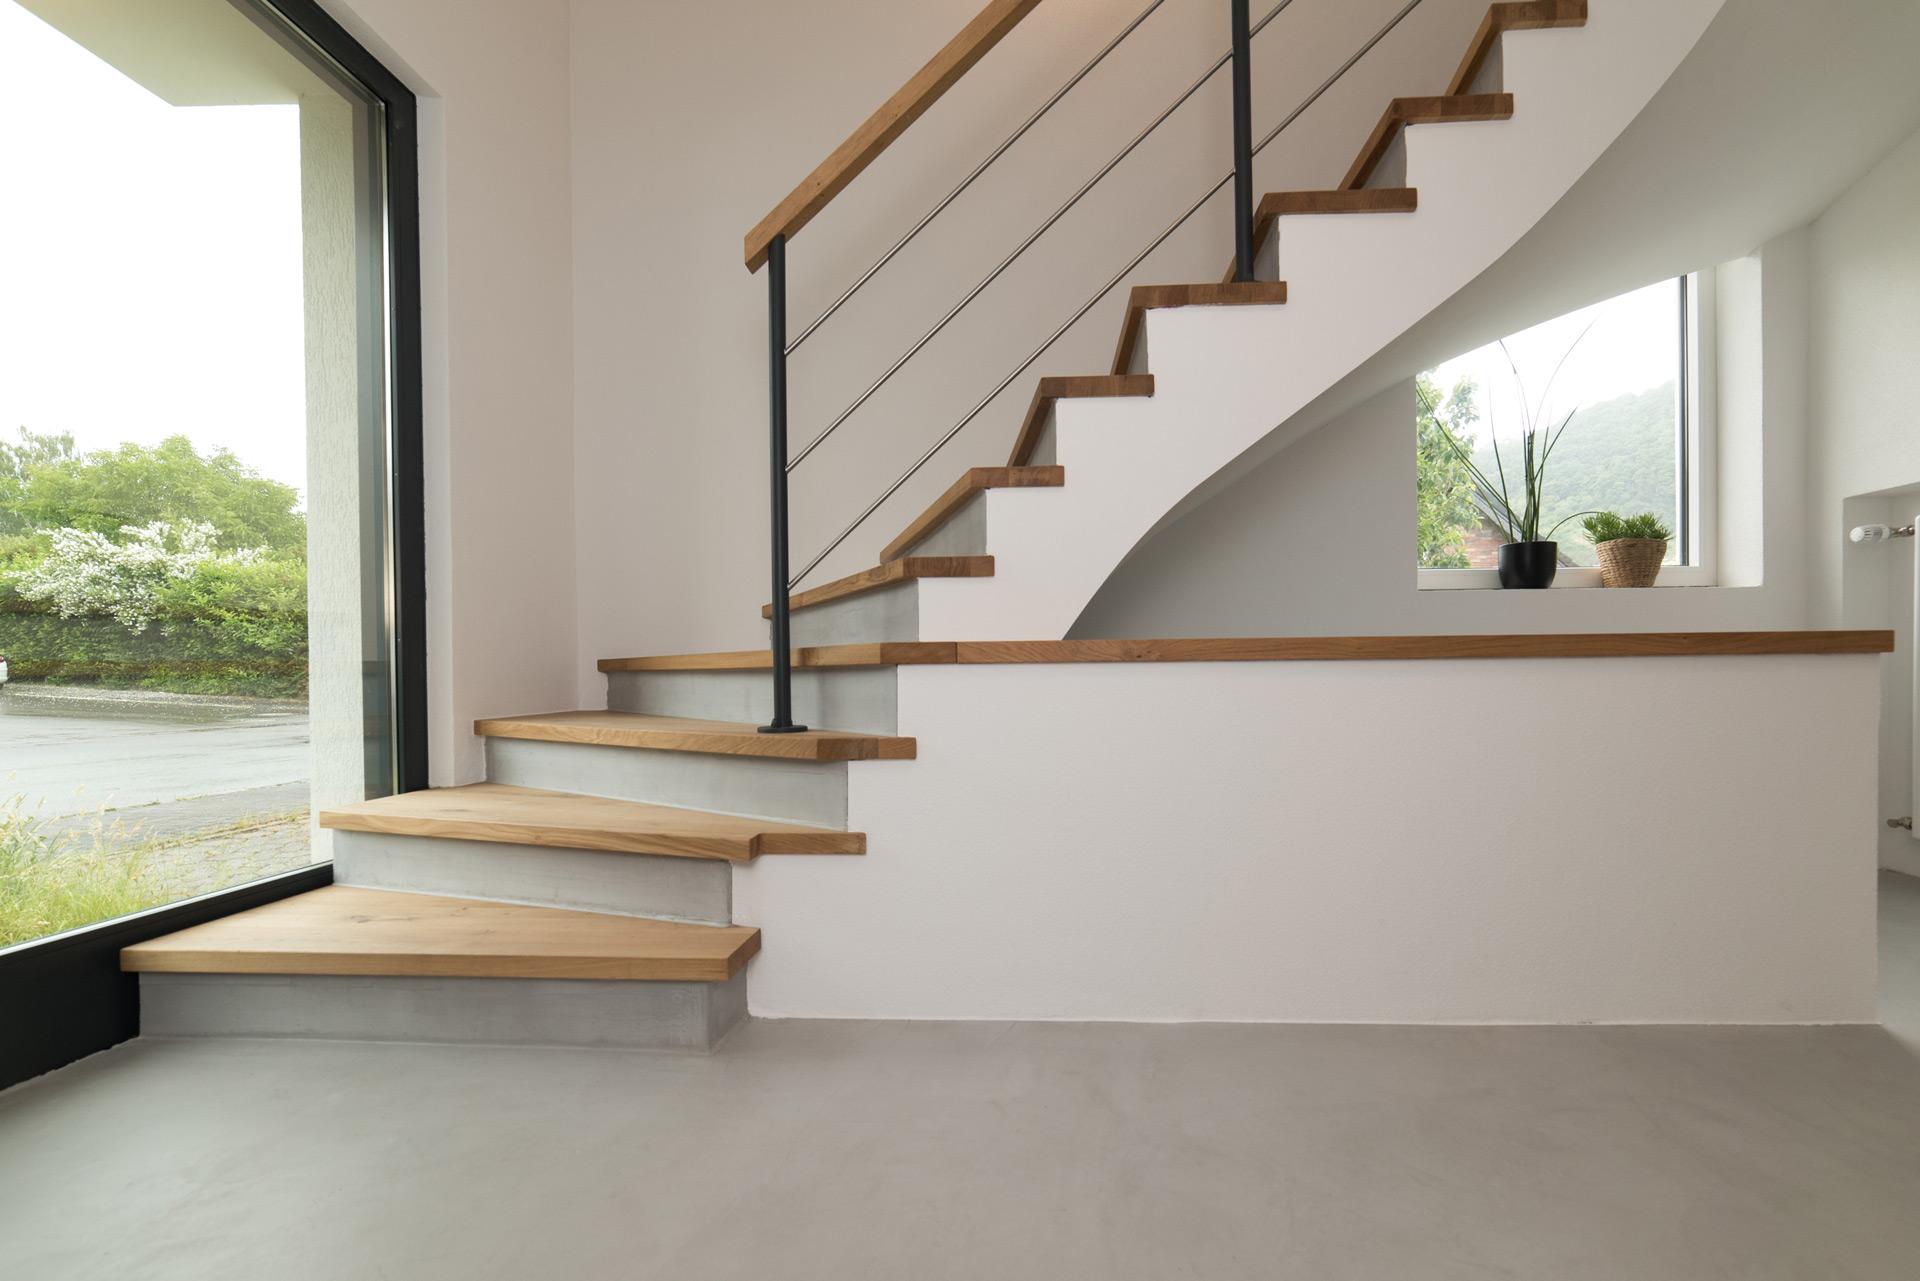 escalier rénové avec béton apparent